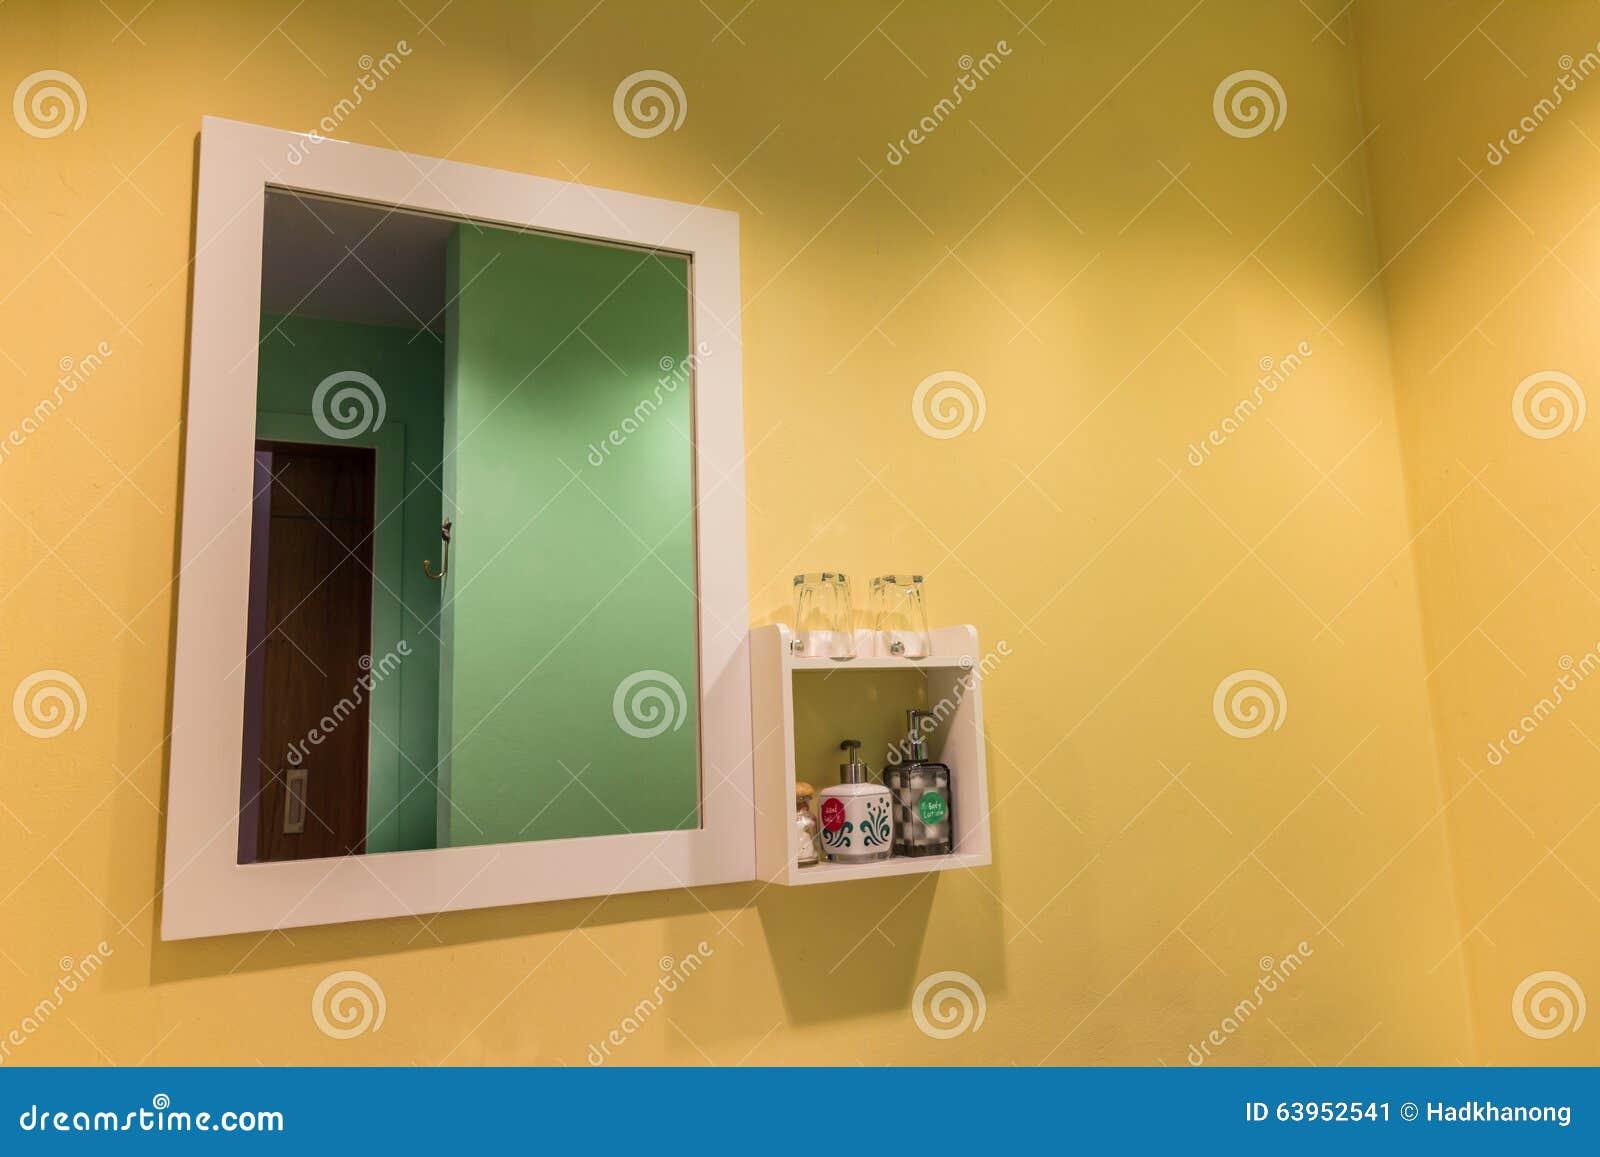 Espejo grande pared espejo en la pared with espejo grande for Espejo grande pared